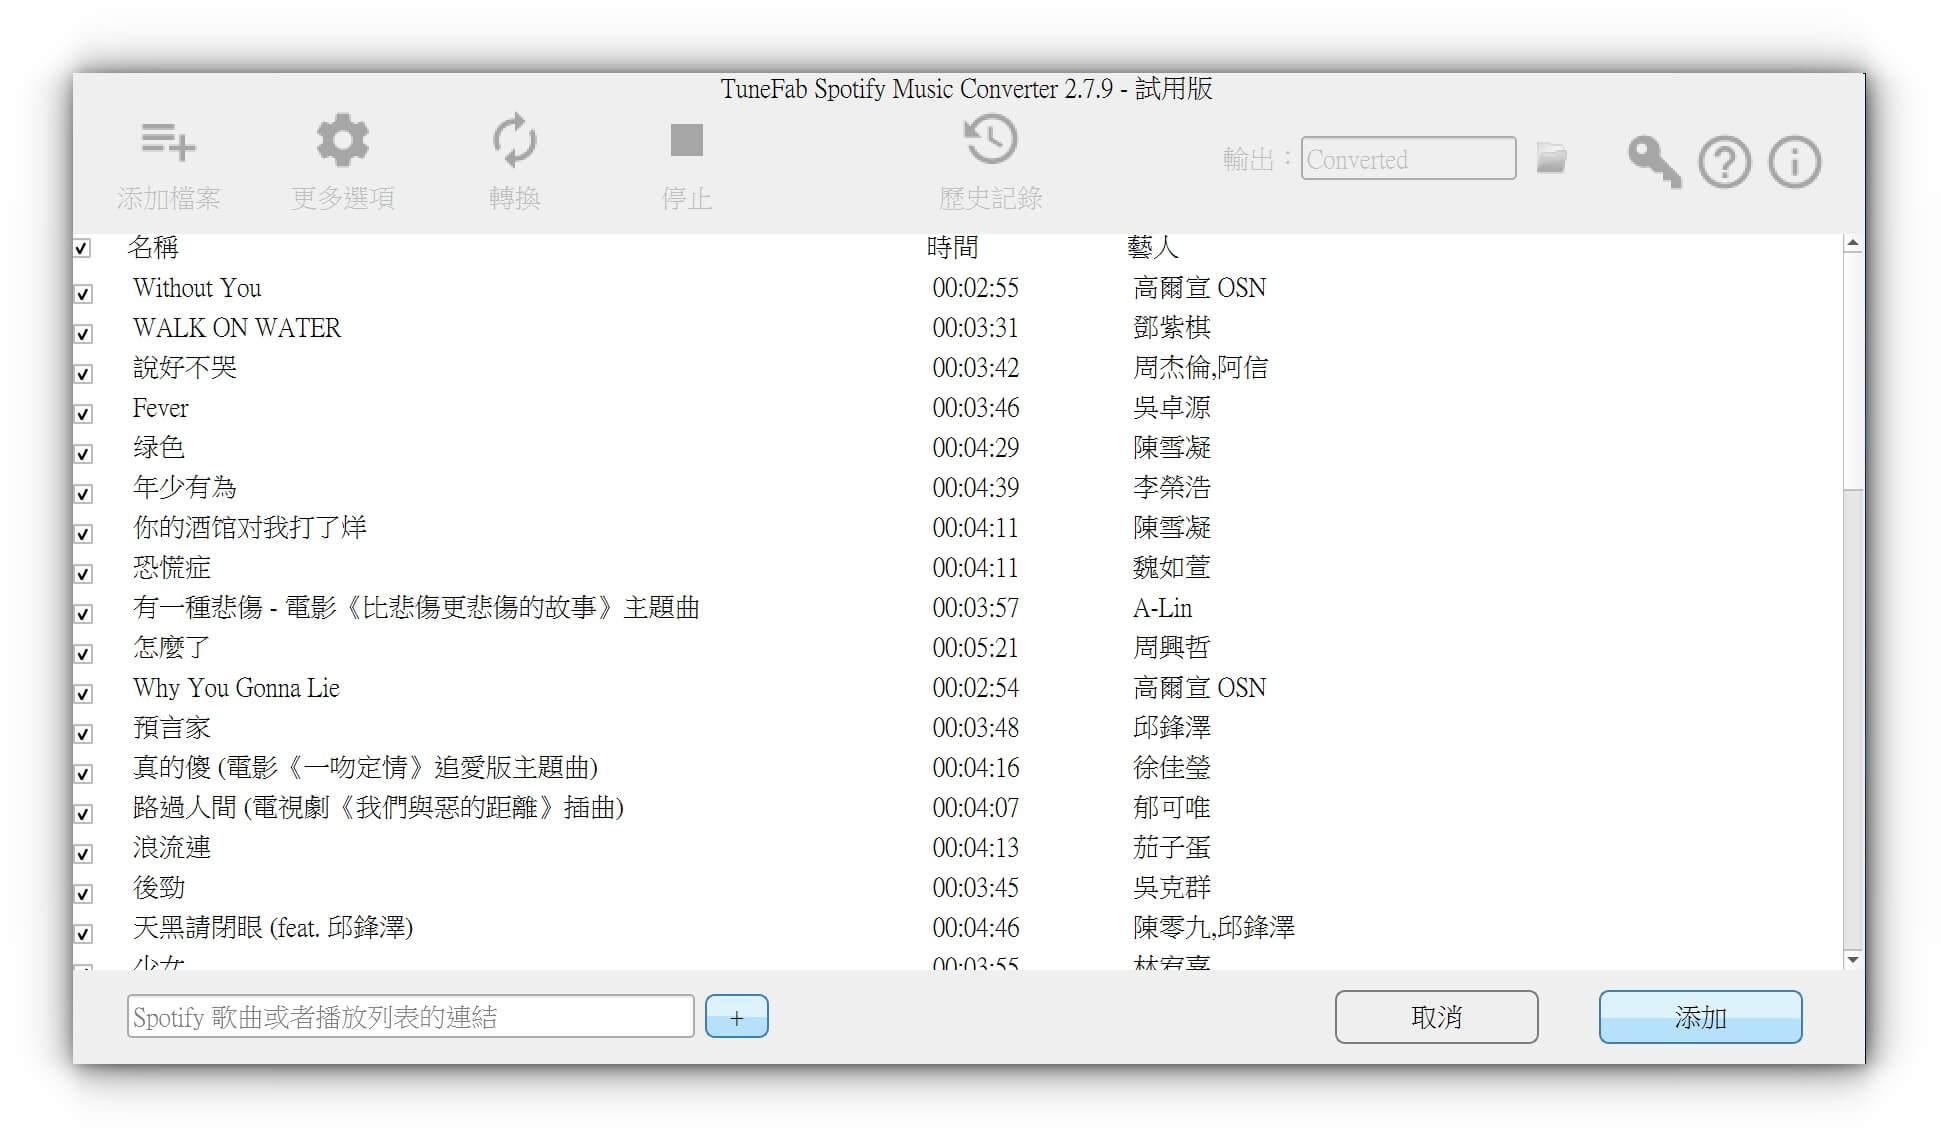 Windows 下載 Spotify 歌曲,TuneFab Spotify 音樂轉檔器